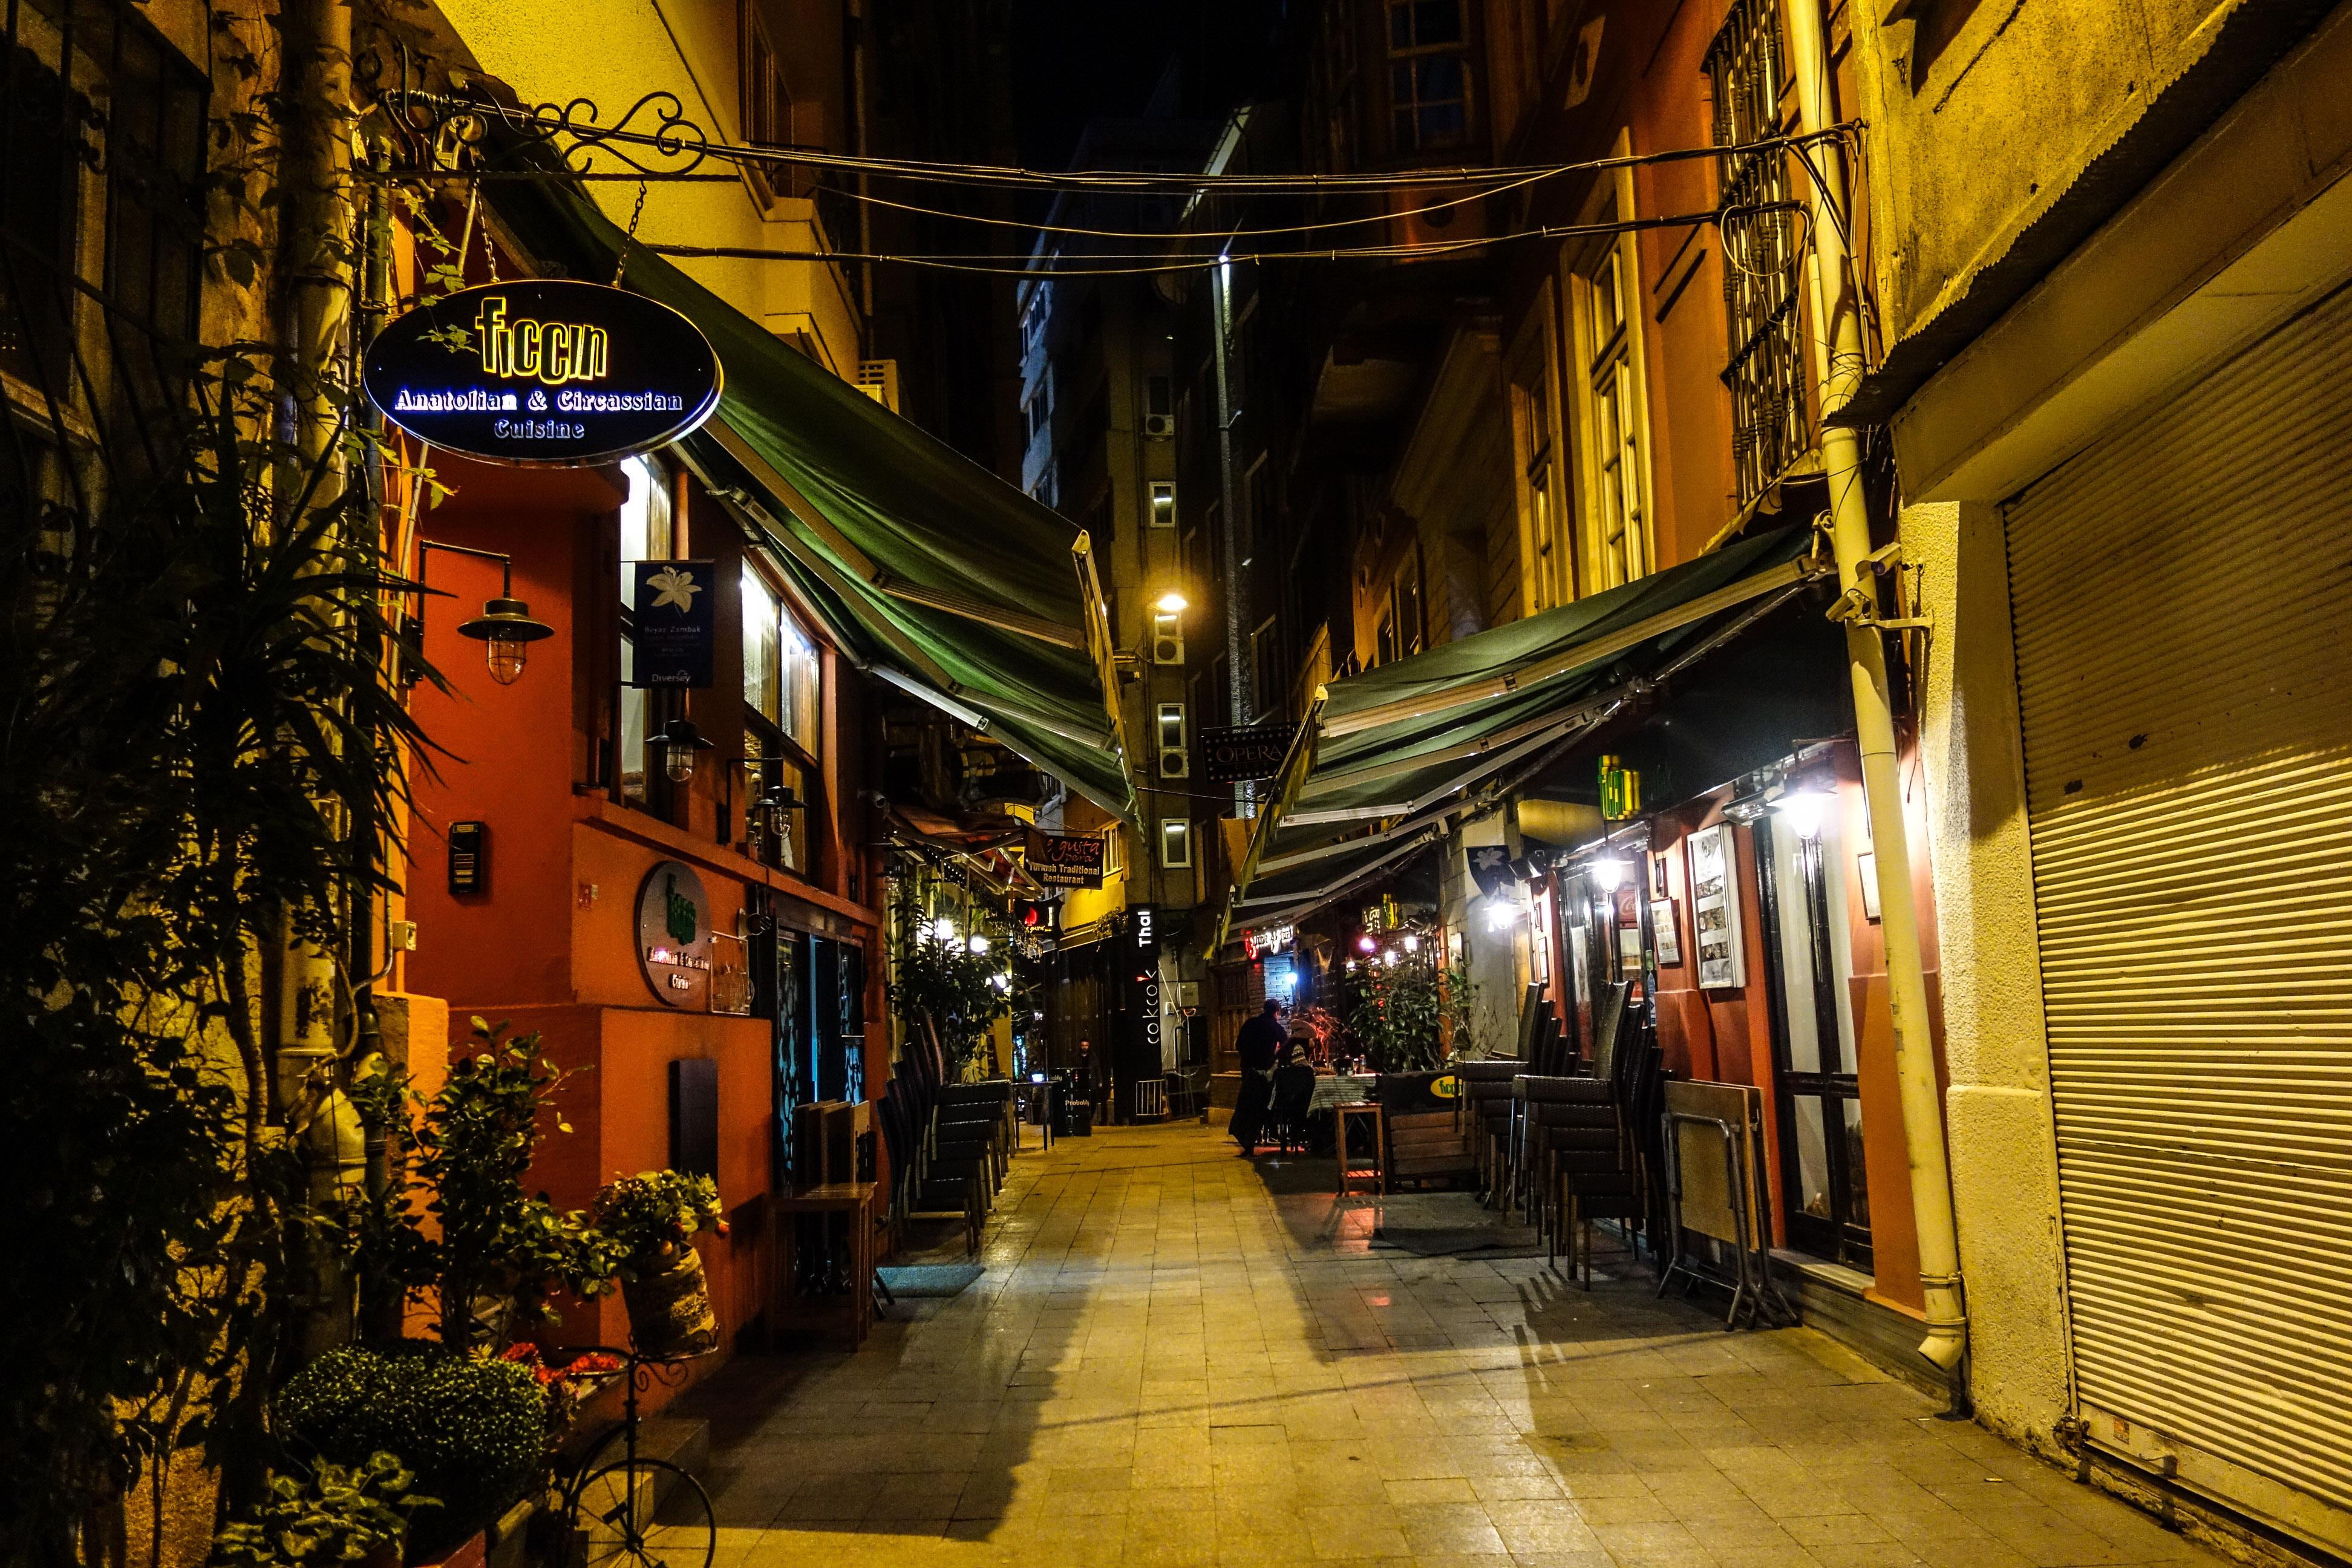 Ristorantini nelle strade traverse di Istiklal Caddesi